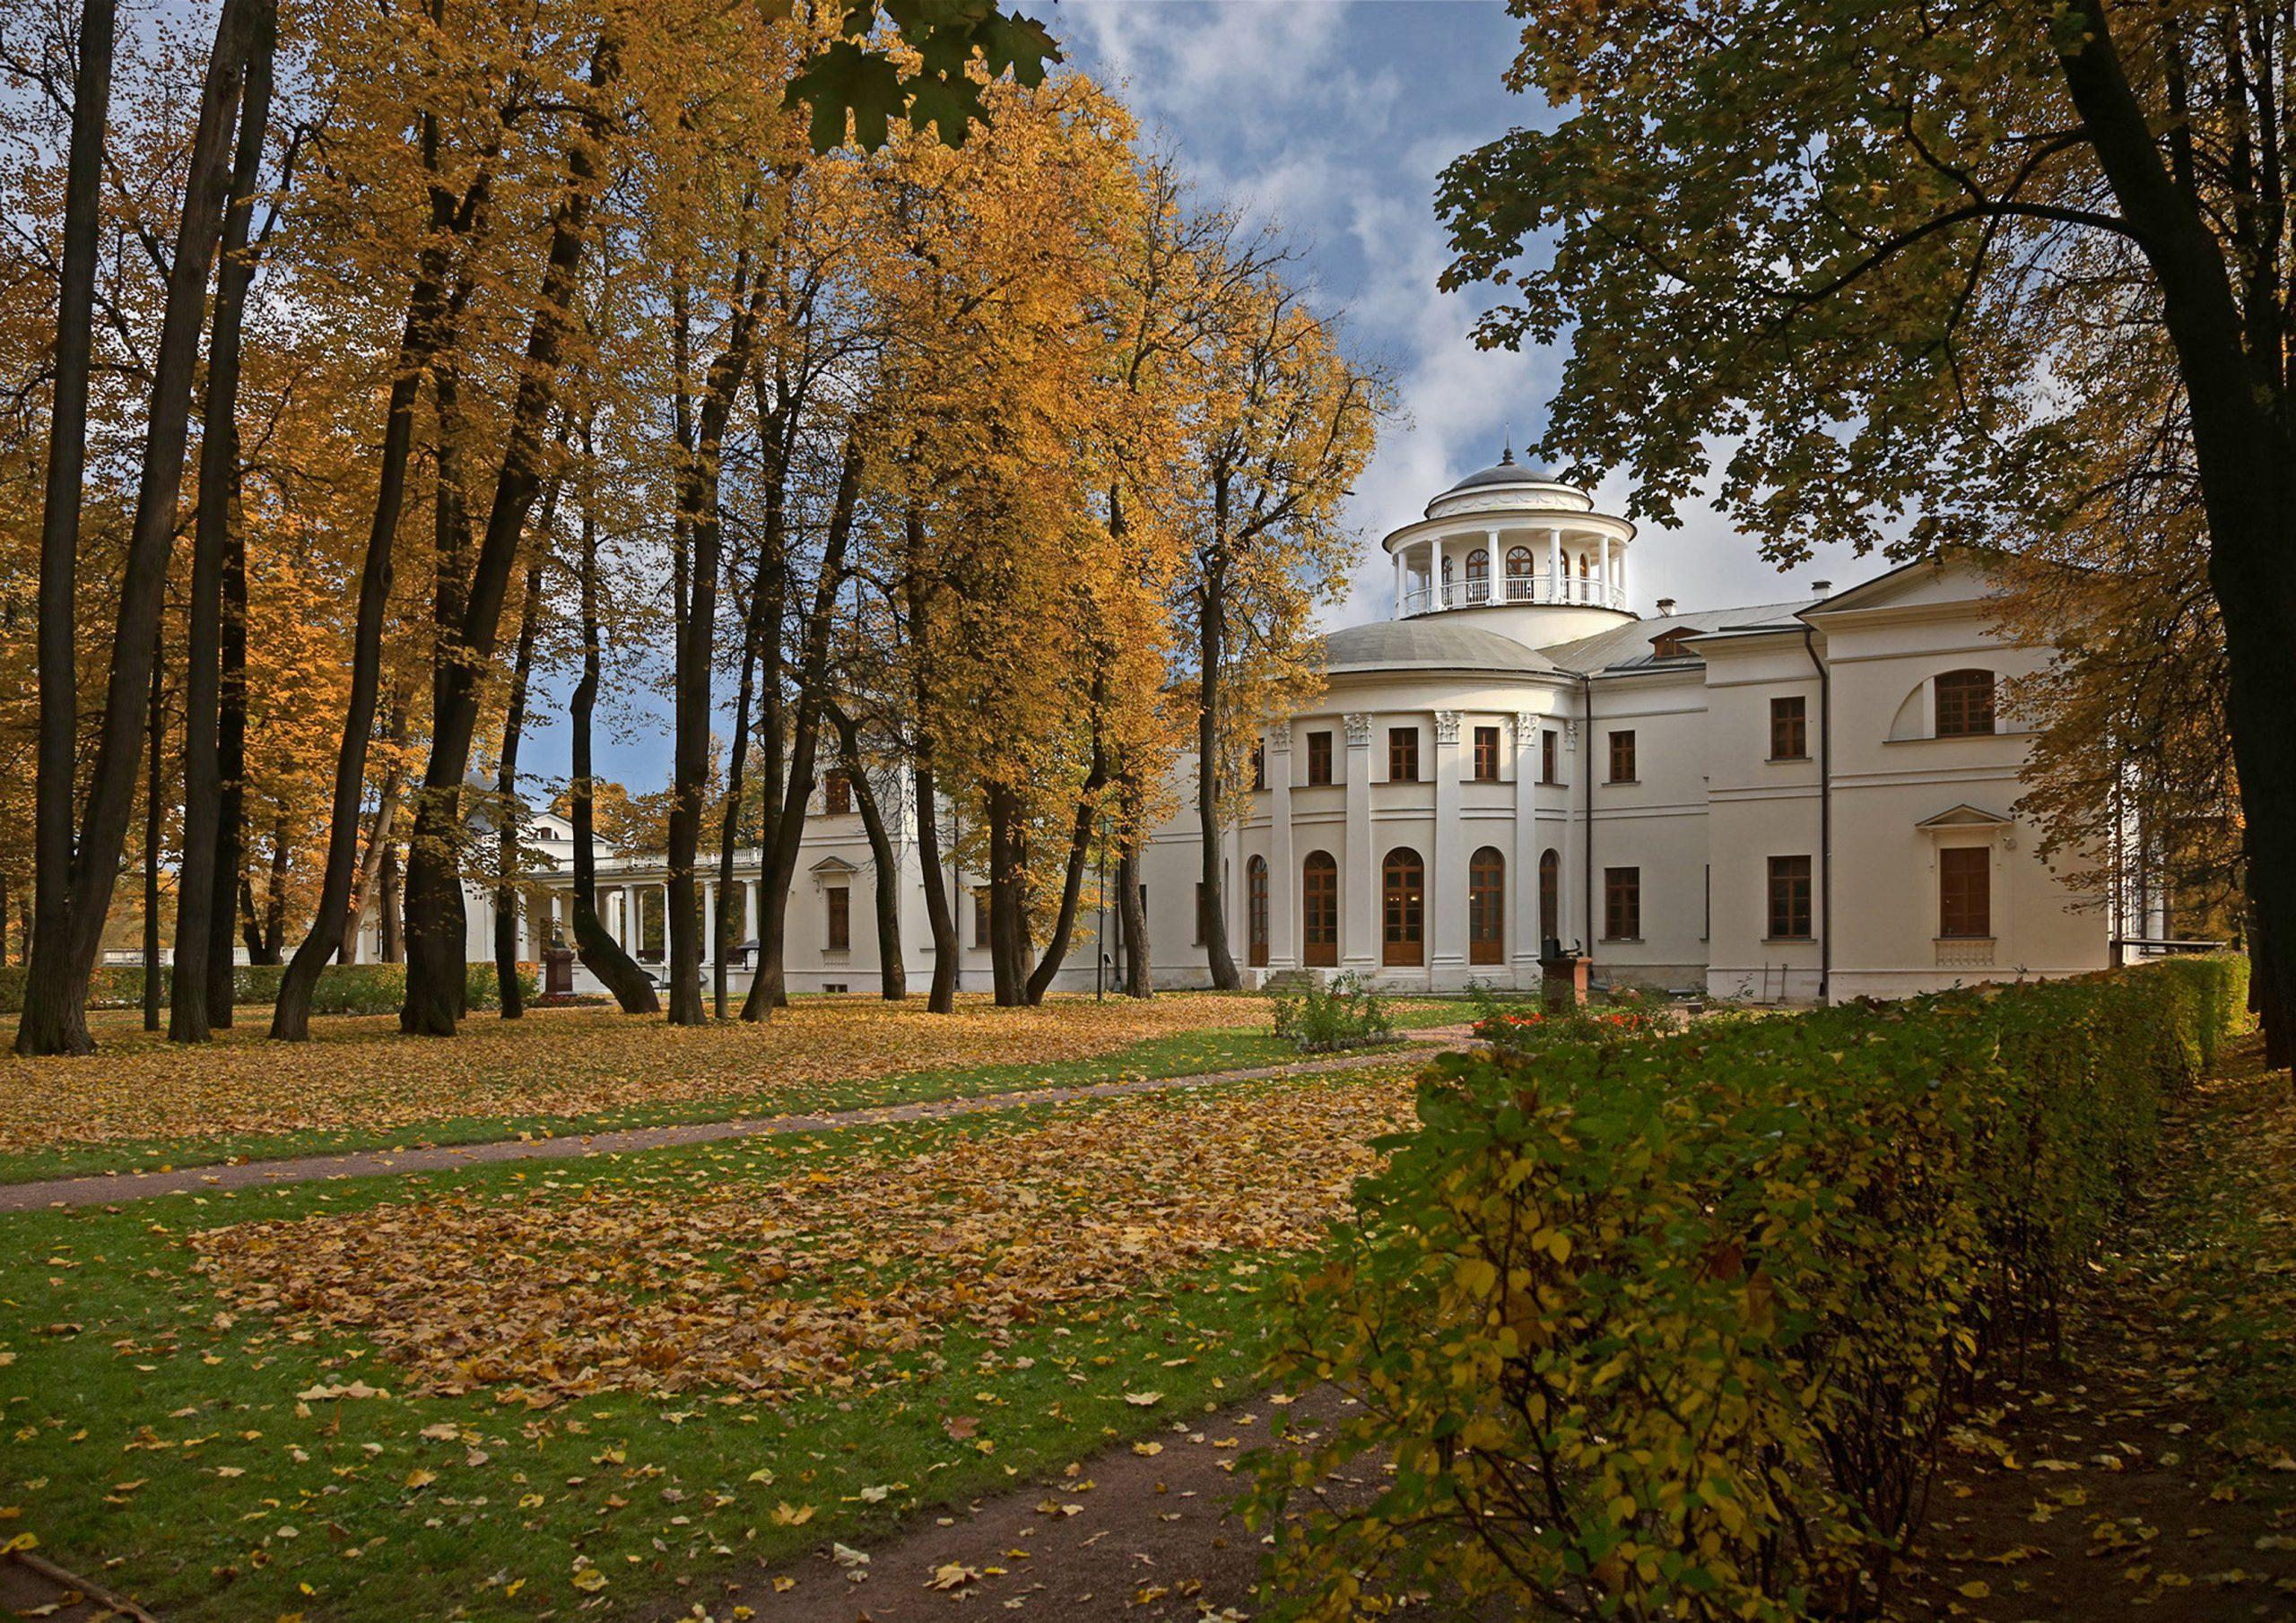 Осенний лекторий пройдет в музее-усадьбе «Остафьево» — «Русский Парнас» поселения Рязановское